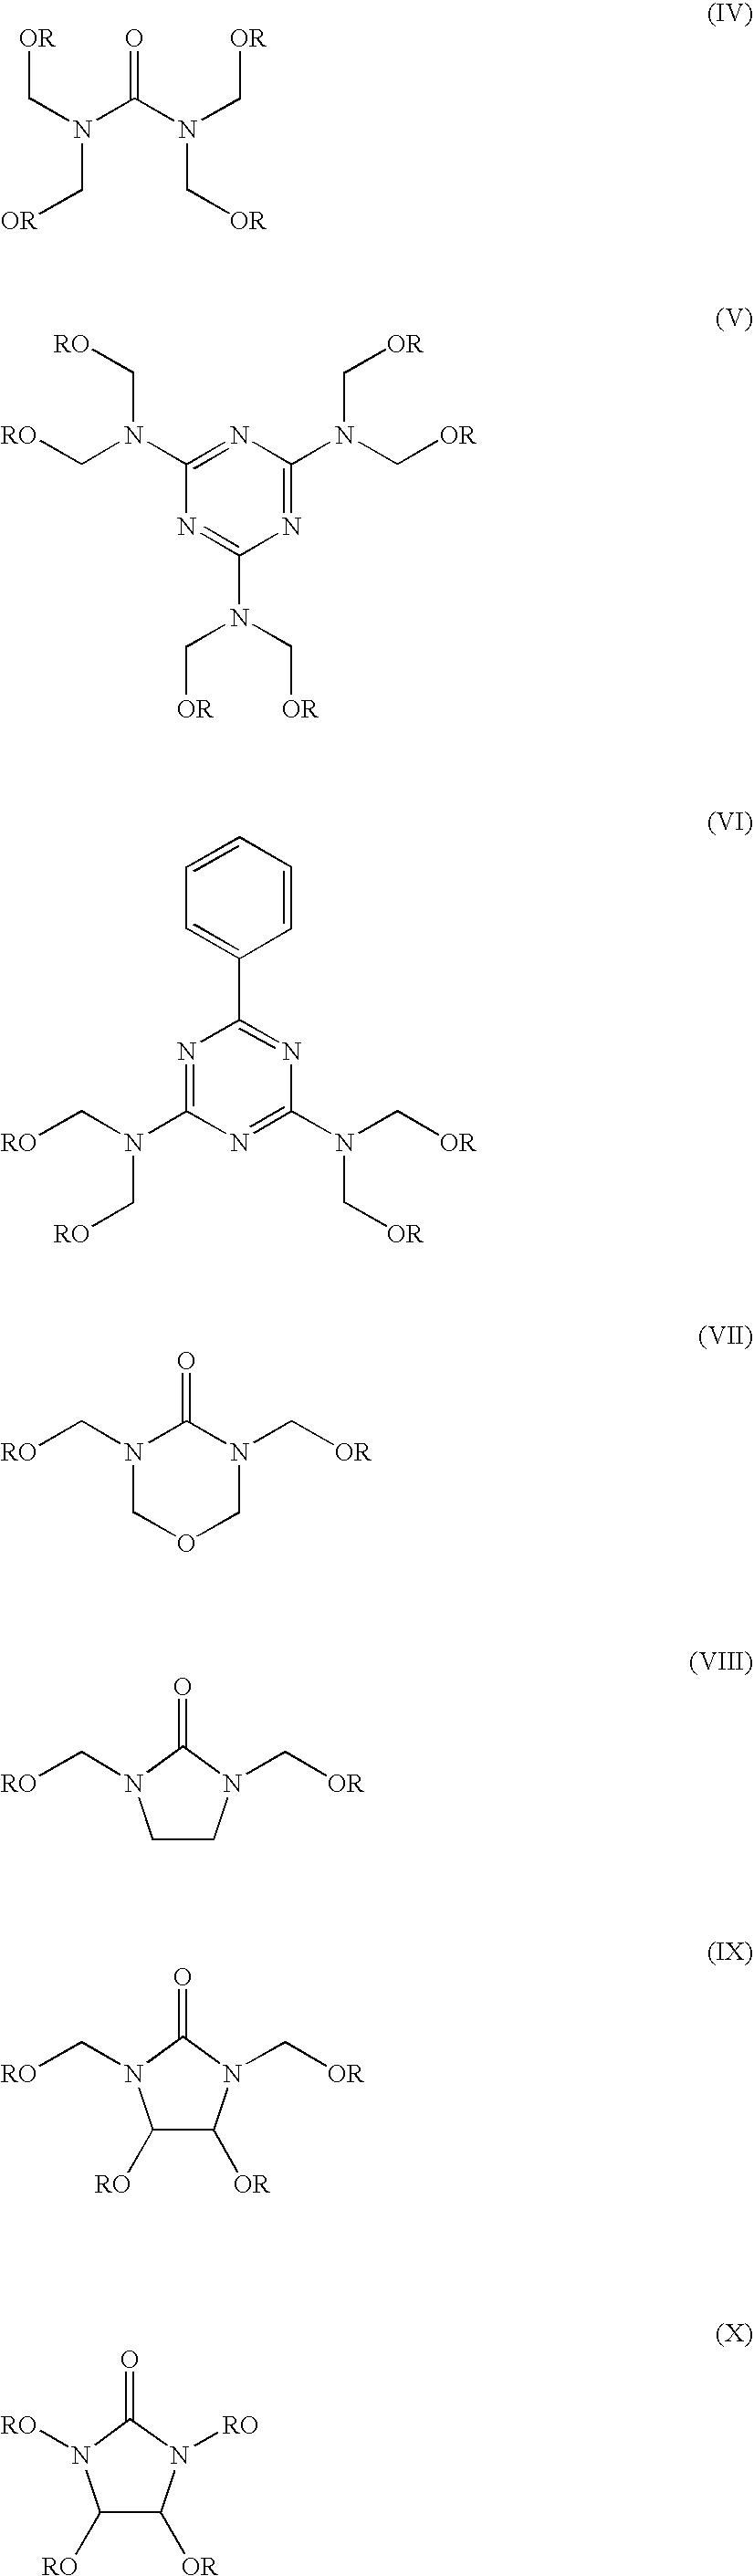 Figure US06800098-20041005-C00028